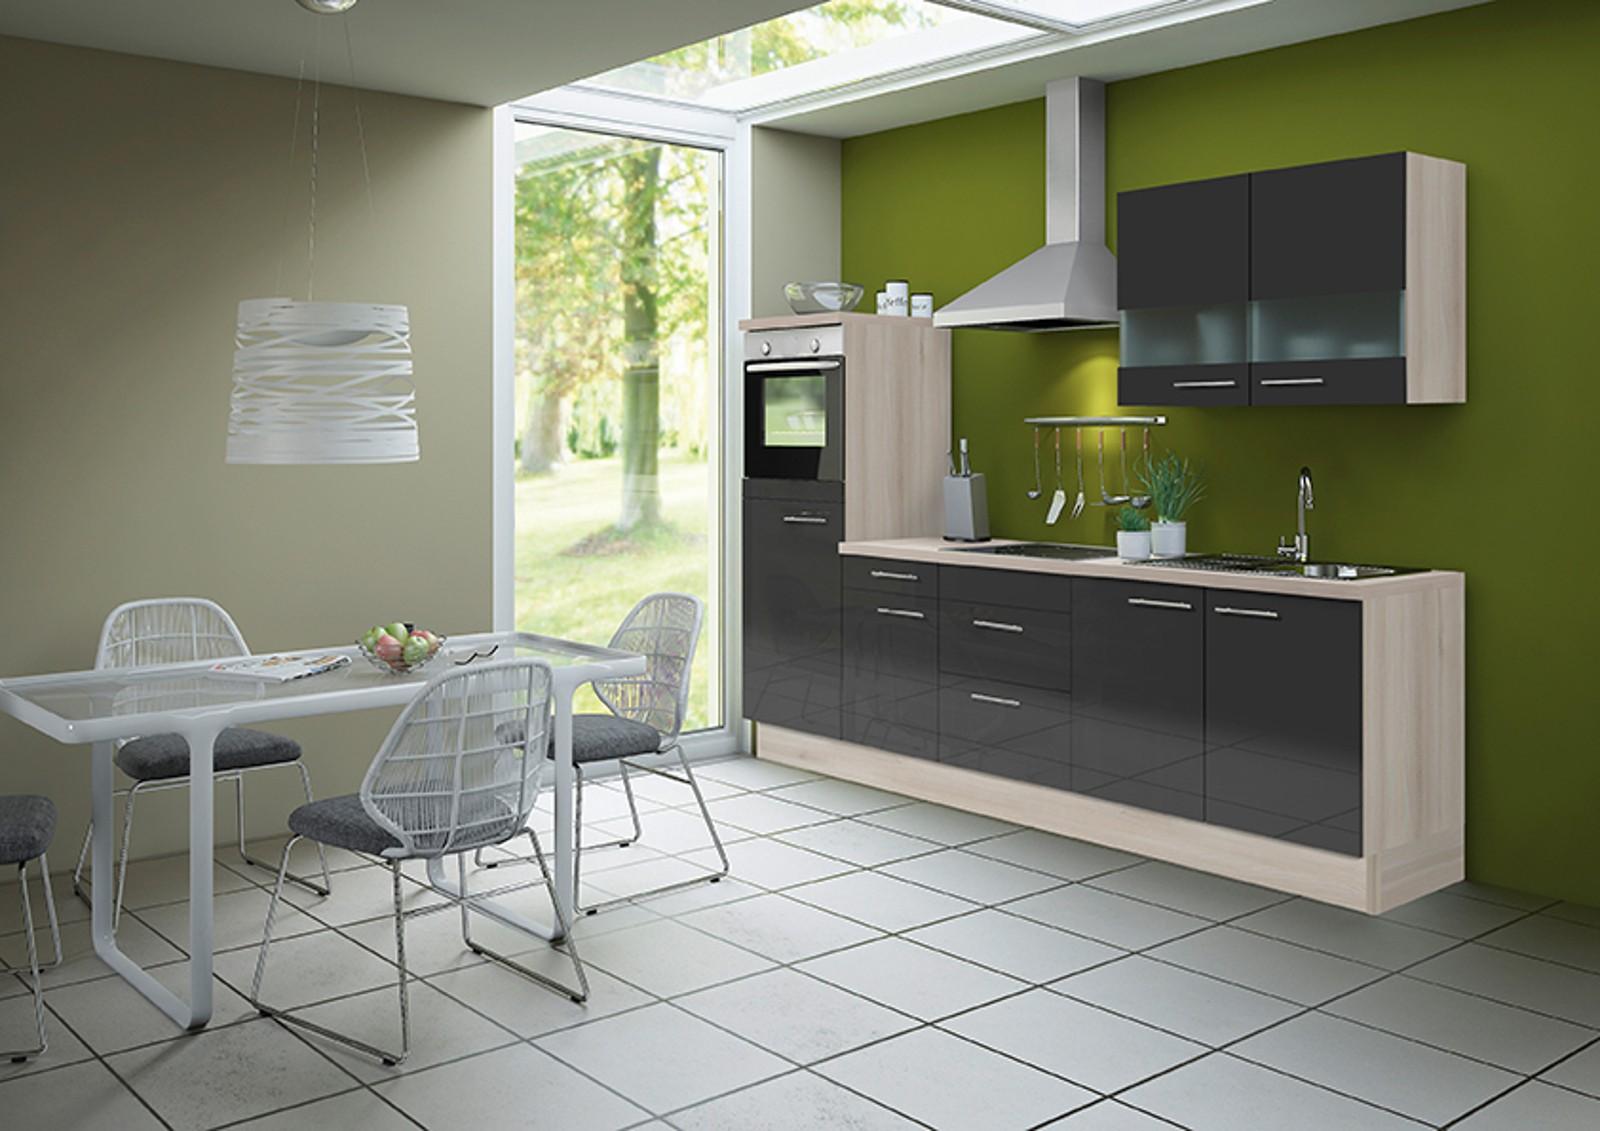 k chenzeile leon vario 8 k che mit e ger ten breite 270 cm braun k che k chenzeilen. Black Bedroom Furniture Sets. Home Design Ideas